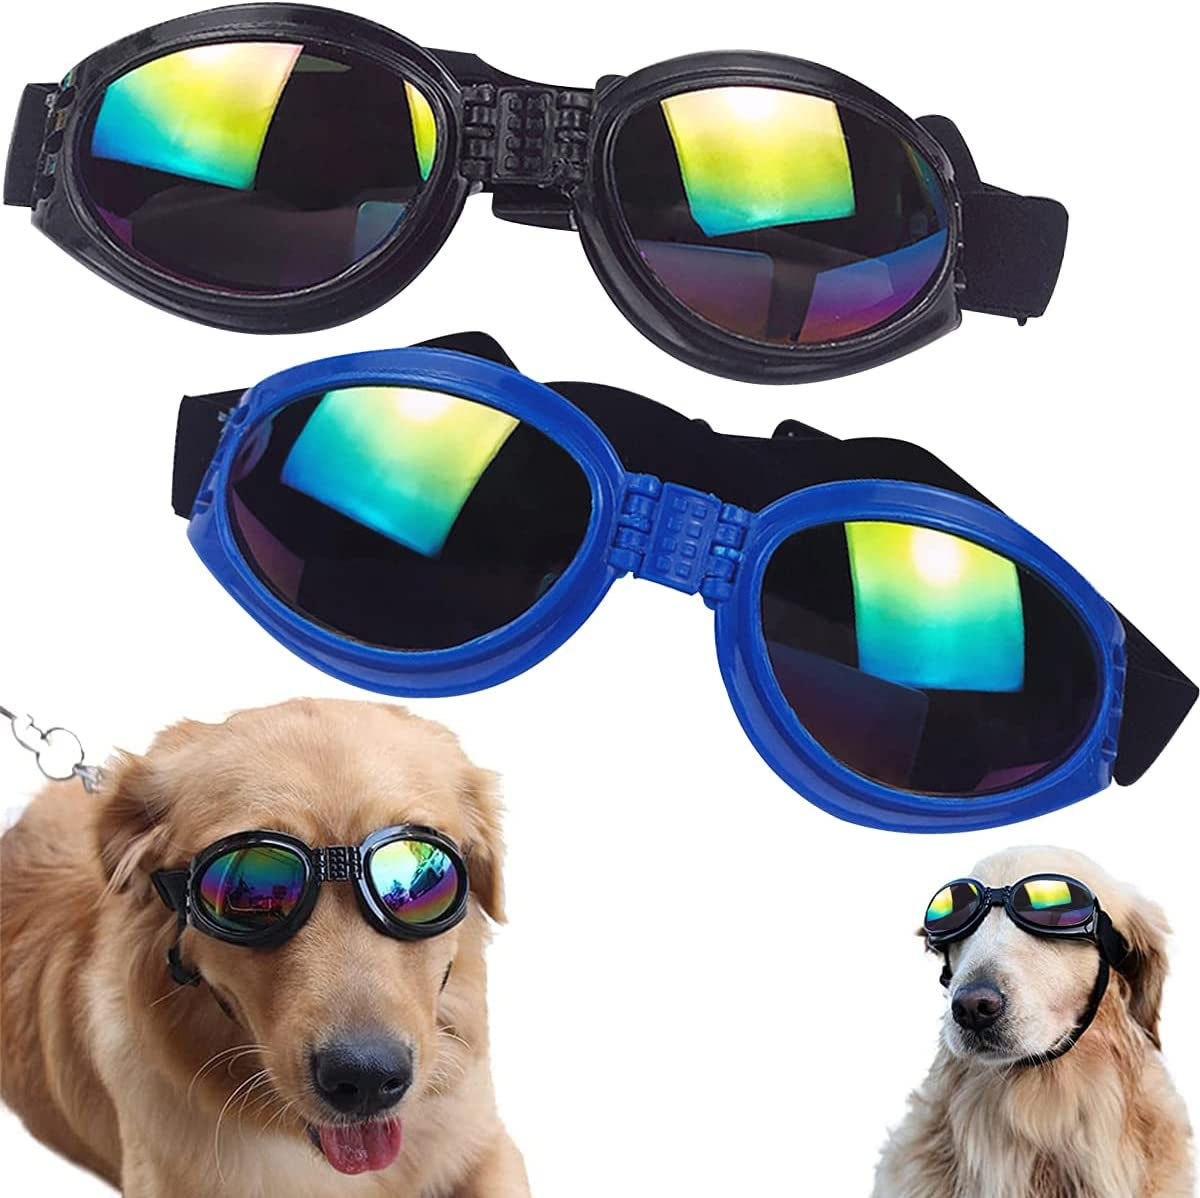 Gafas de Sol para Perros Tomicy Gafas de Sol para Mascotas, Gafas de Sol para Perros y Gatos, Gafas Ajustables para Perros Protección UV, Resistentes al Agua, Resistentes al Viento(Azul, Negro)